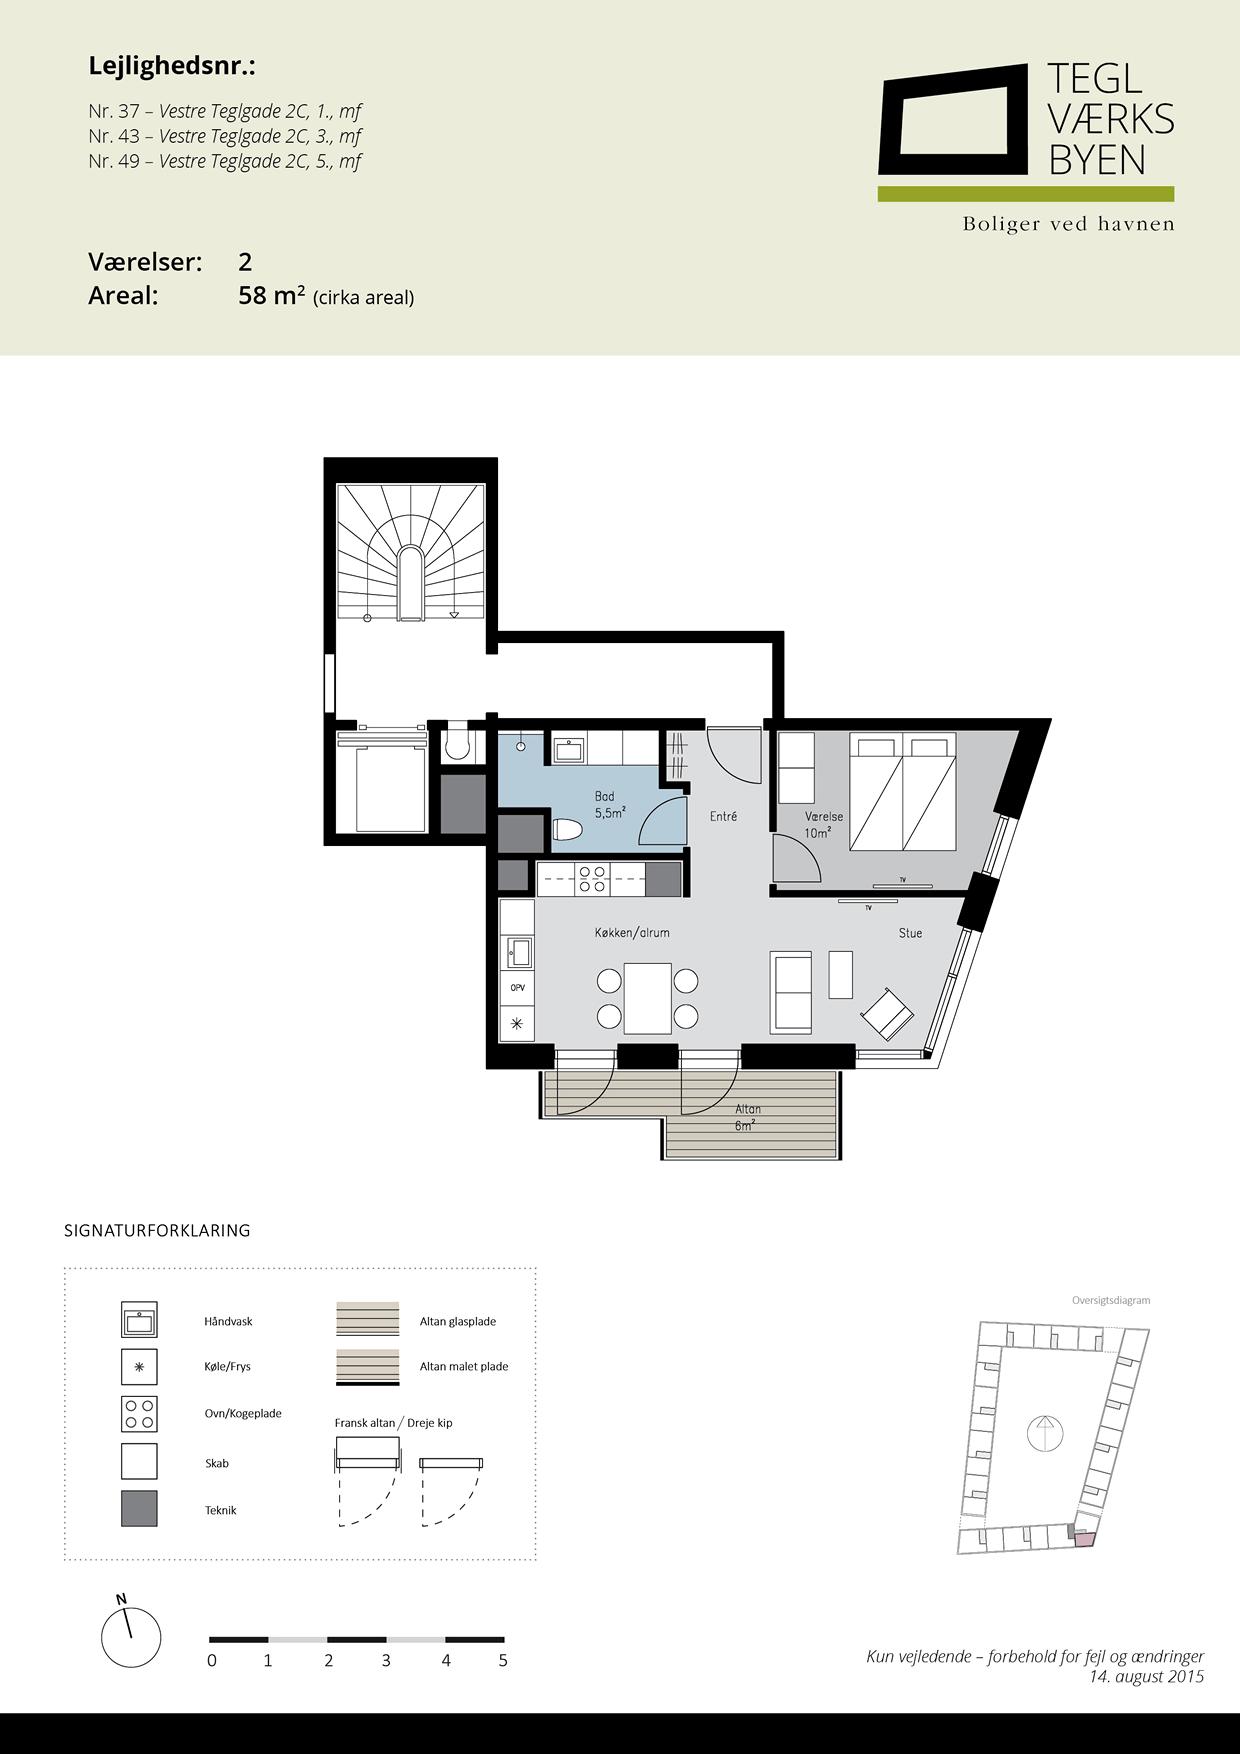 Teglvaerksbyen_37-43-49_plan